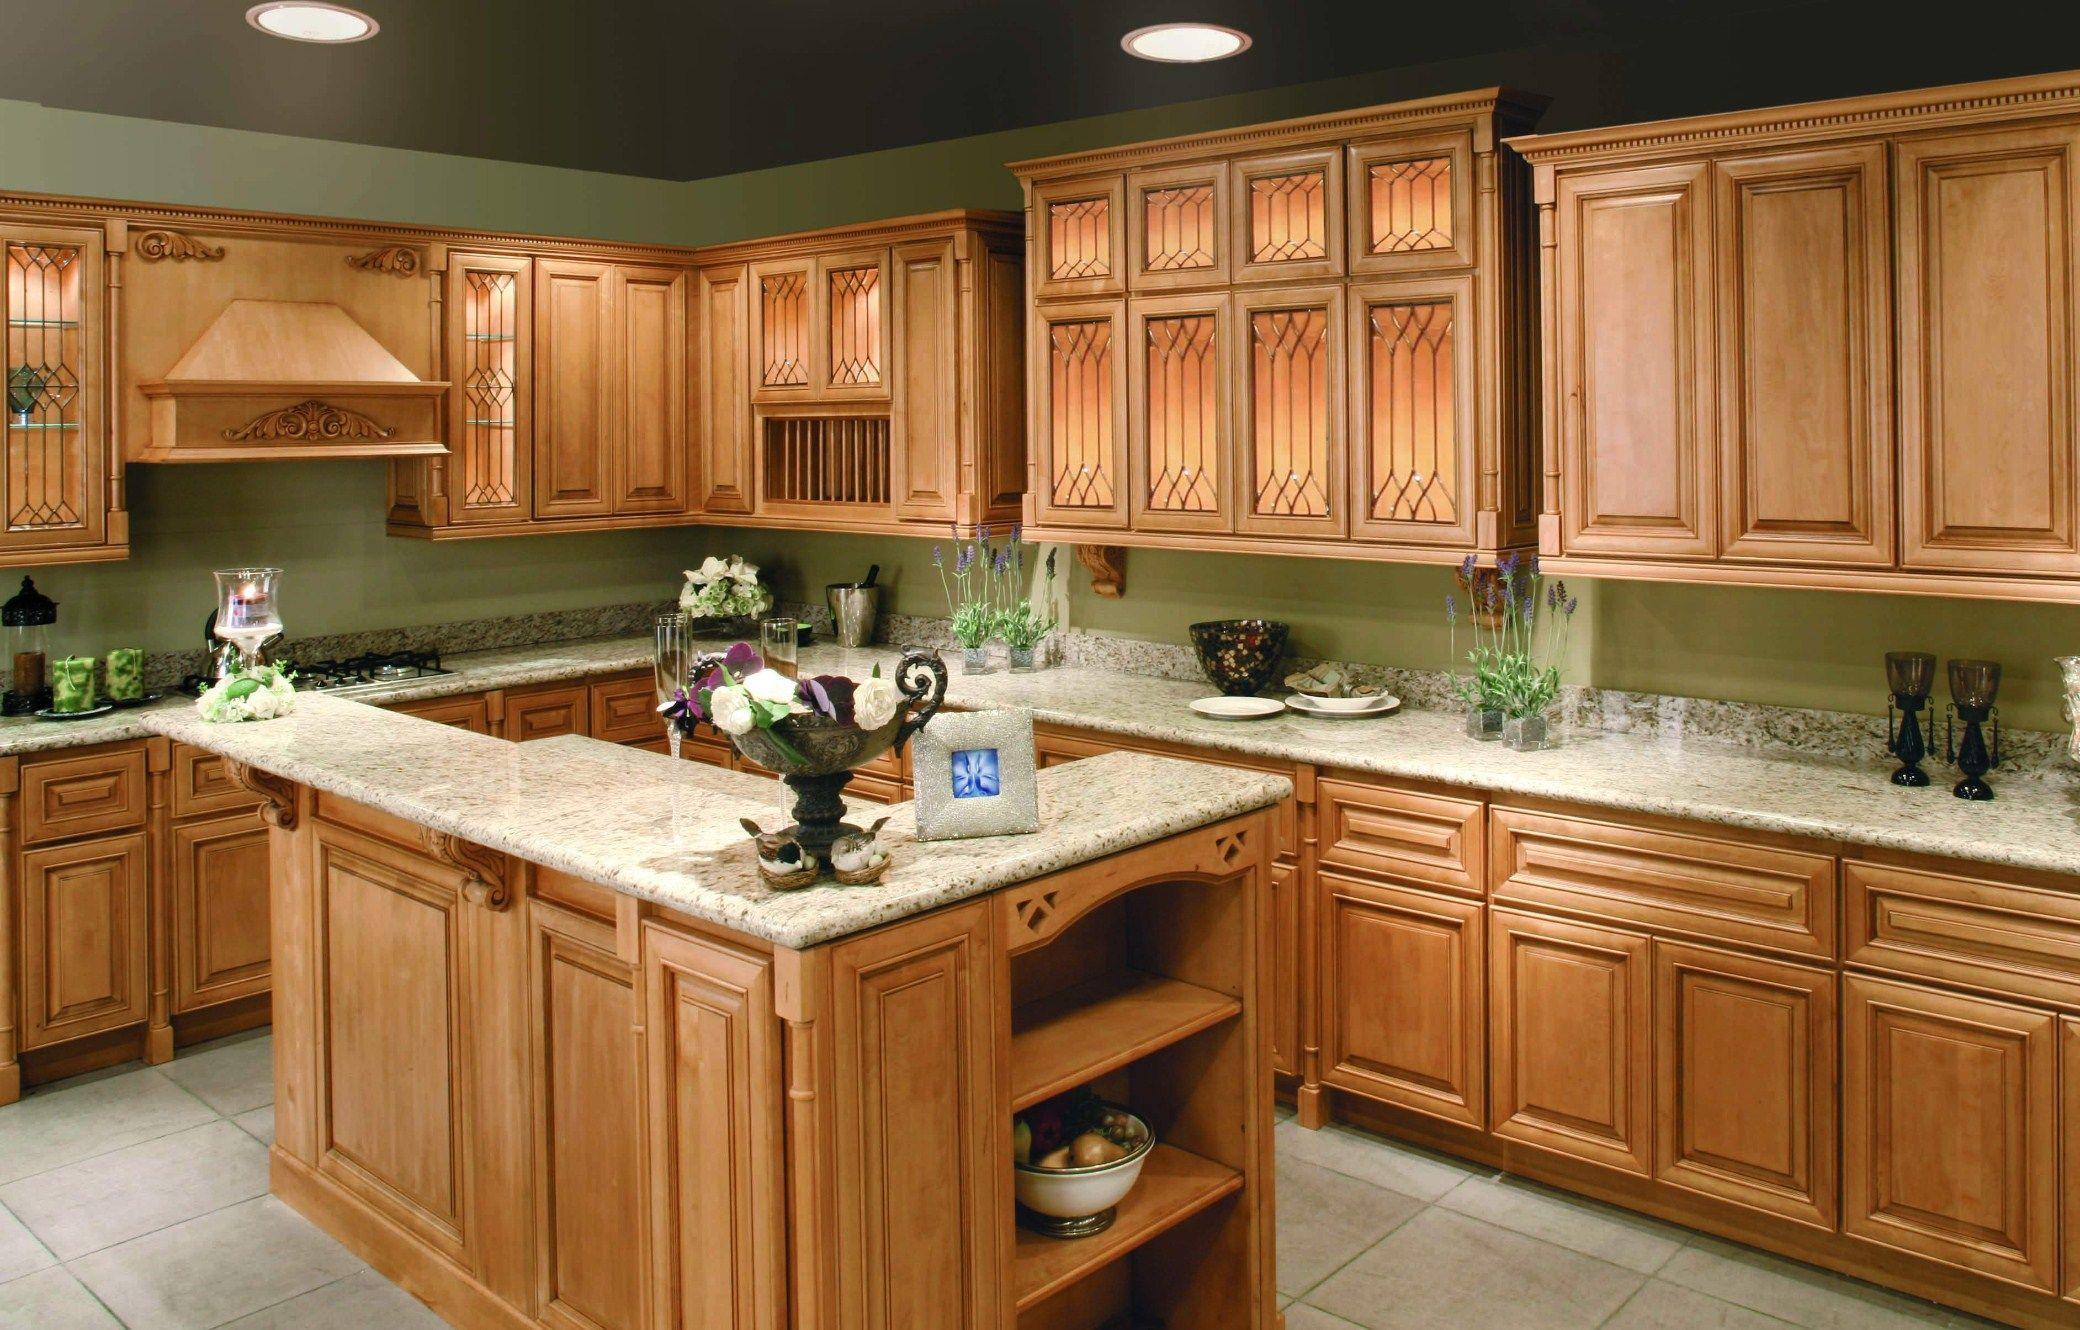 Golden Oak Cabinets With Quartz Countertops Maple Kitchen Cabinets Kitchen Cabinet Design Kitchen Wall Colors